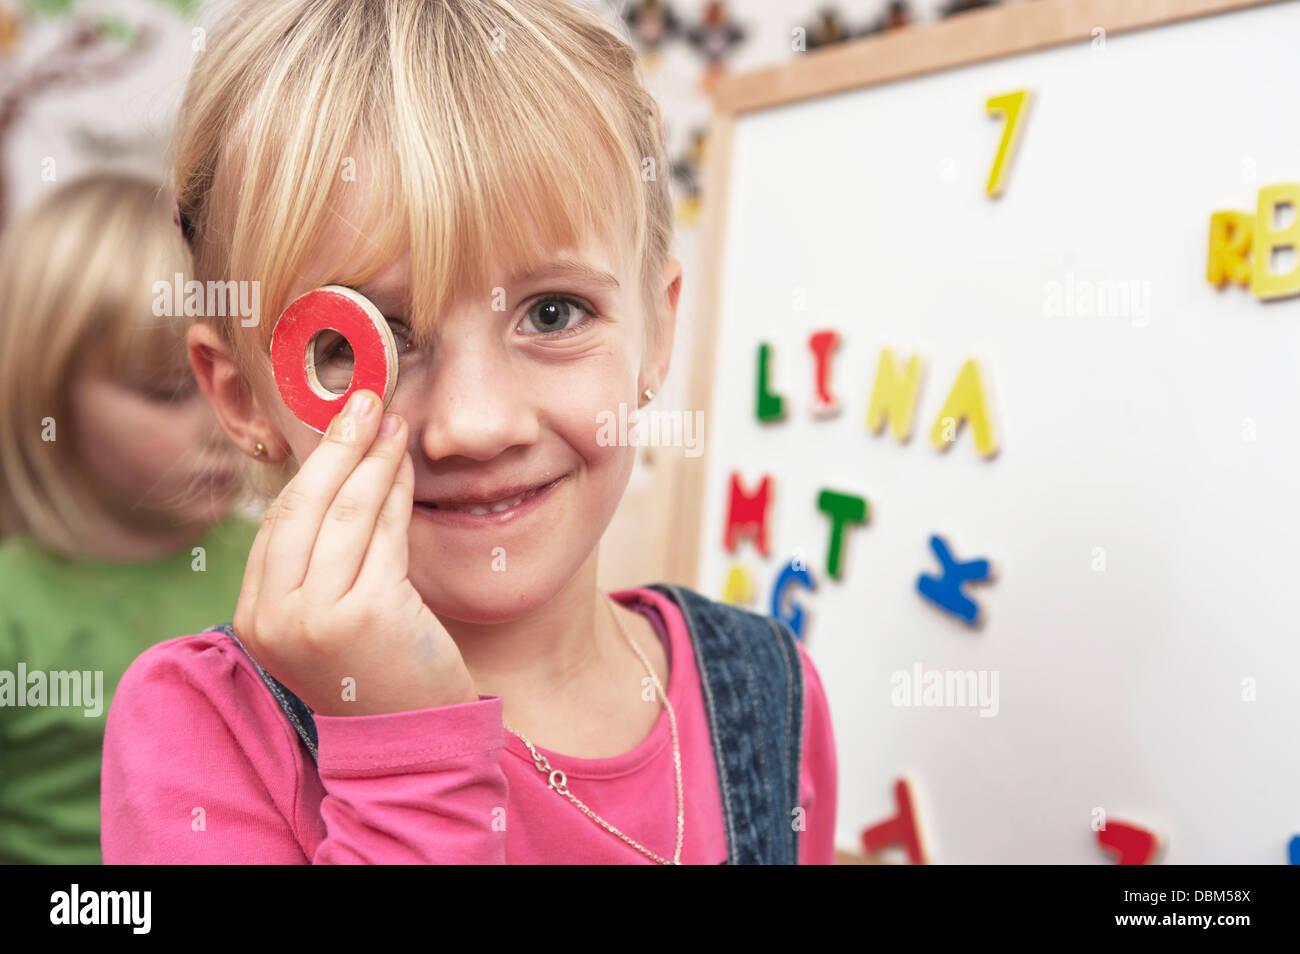 Mädchen, die mit Großbuchstaben beginnen, Portrait, Kottgeisering, Bayern, Deutschland, Europa Stockbild